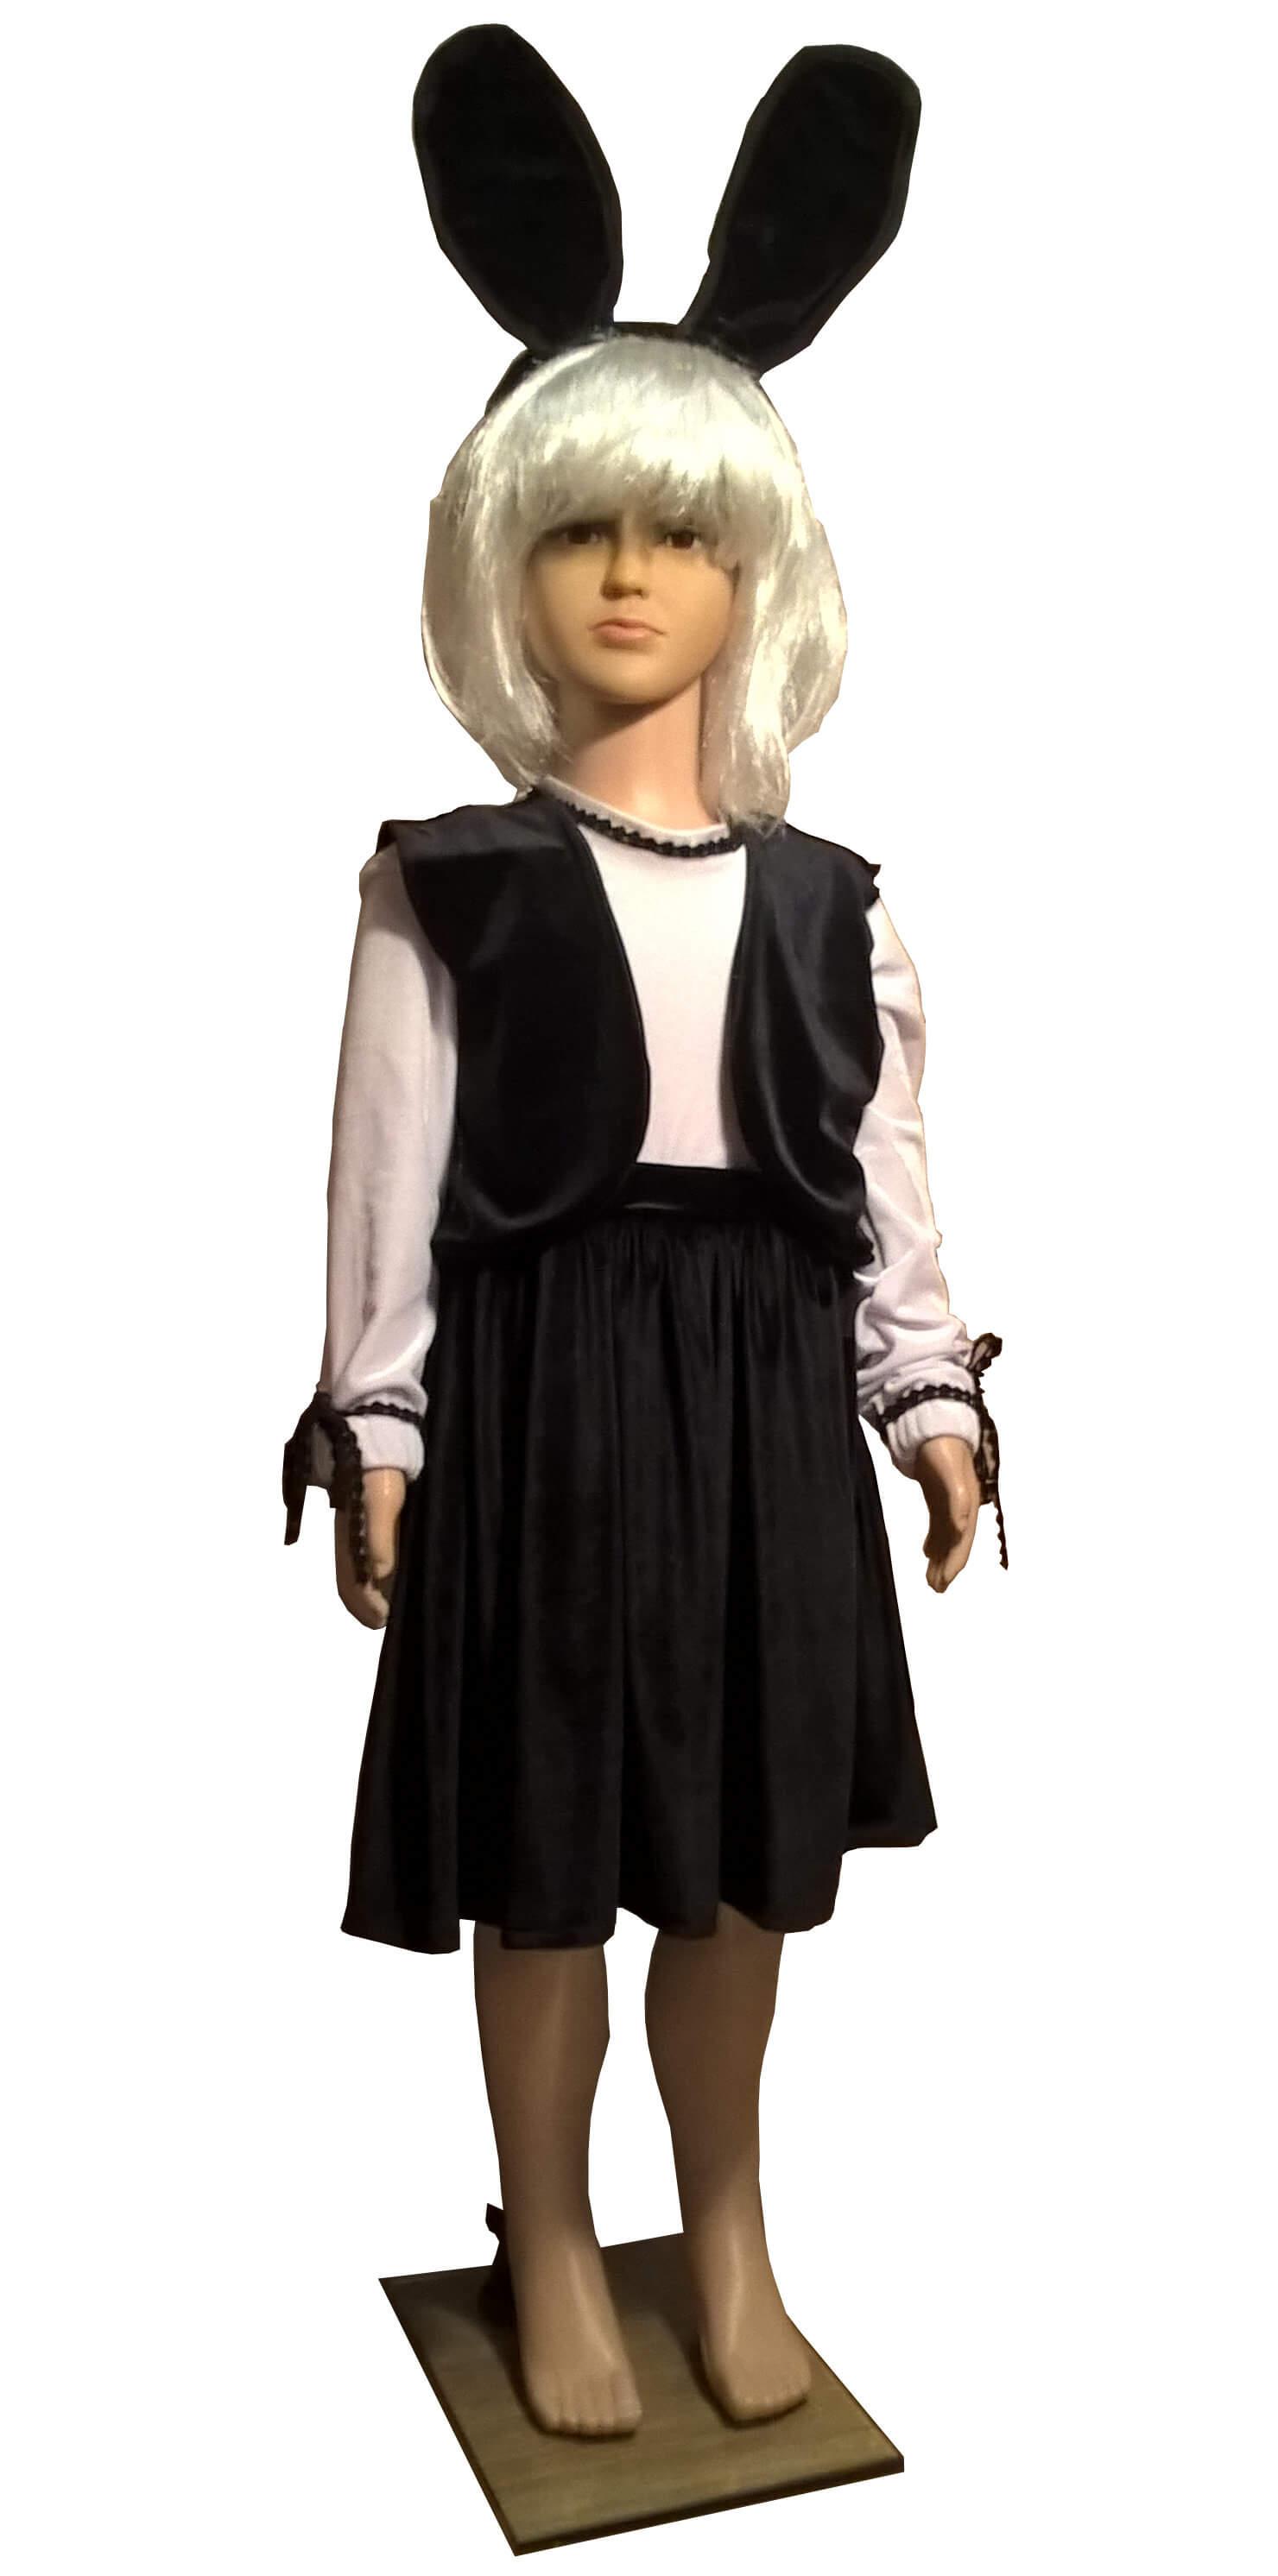 костюм зайчика. kostiumas. Gyvunų karnavaliniai kostiumai. Karnavaliniu kostiumu nuoma vaikams Vilniuje - pasakunamai.lt